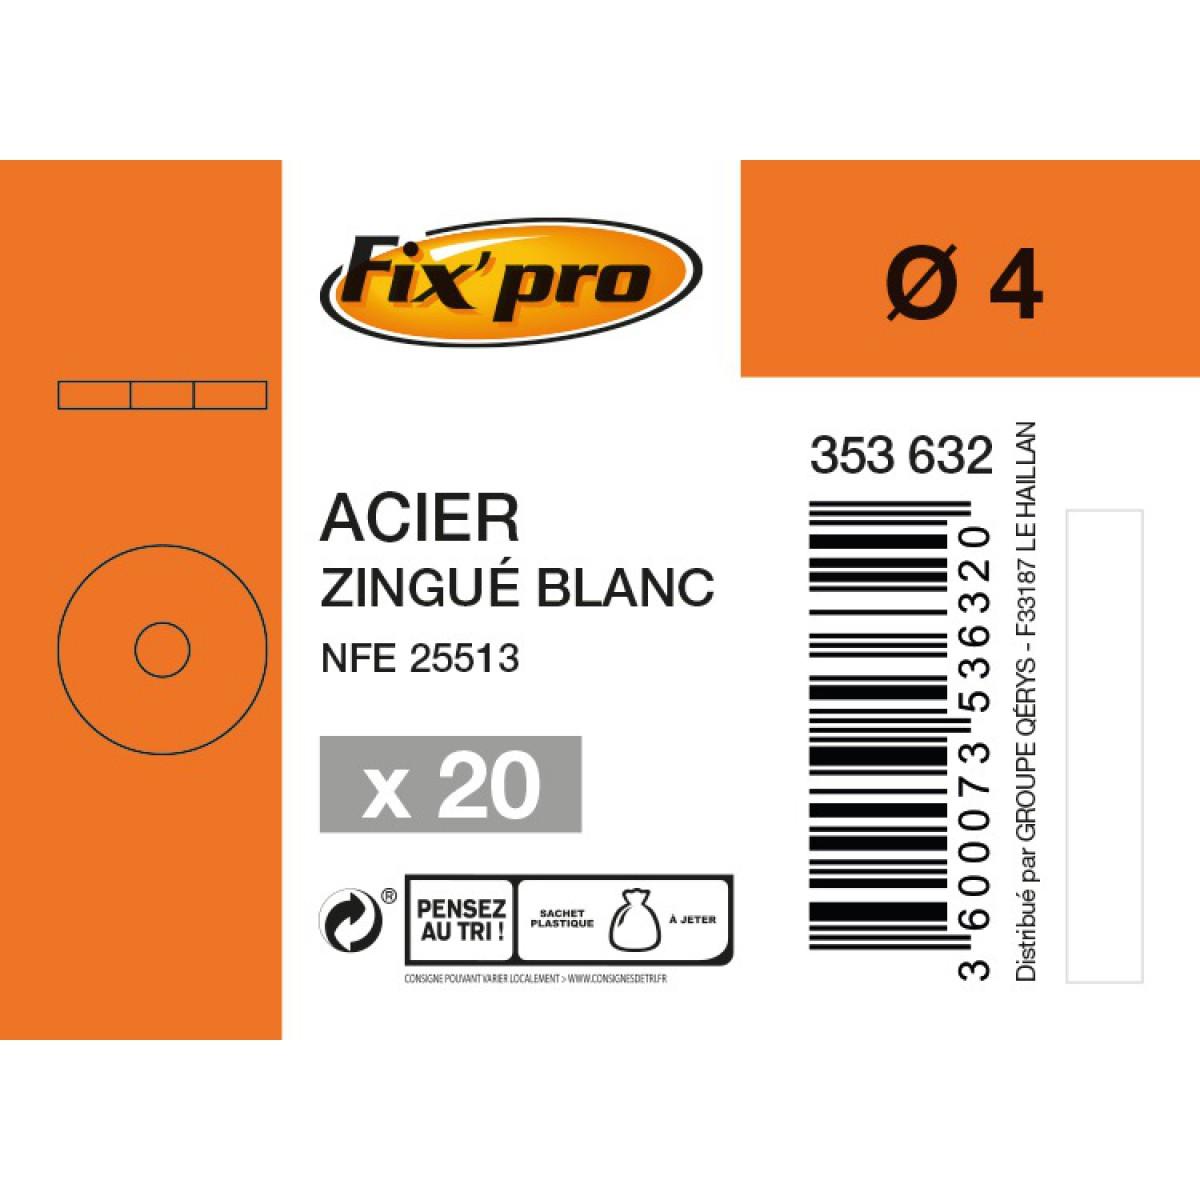 Rondelle carrossier acier zingué - Ø4mm - 20pces - Fixpro